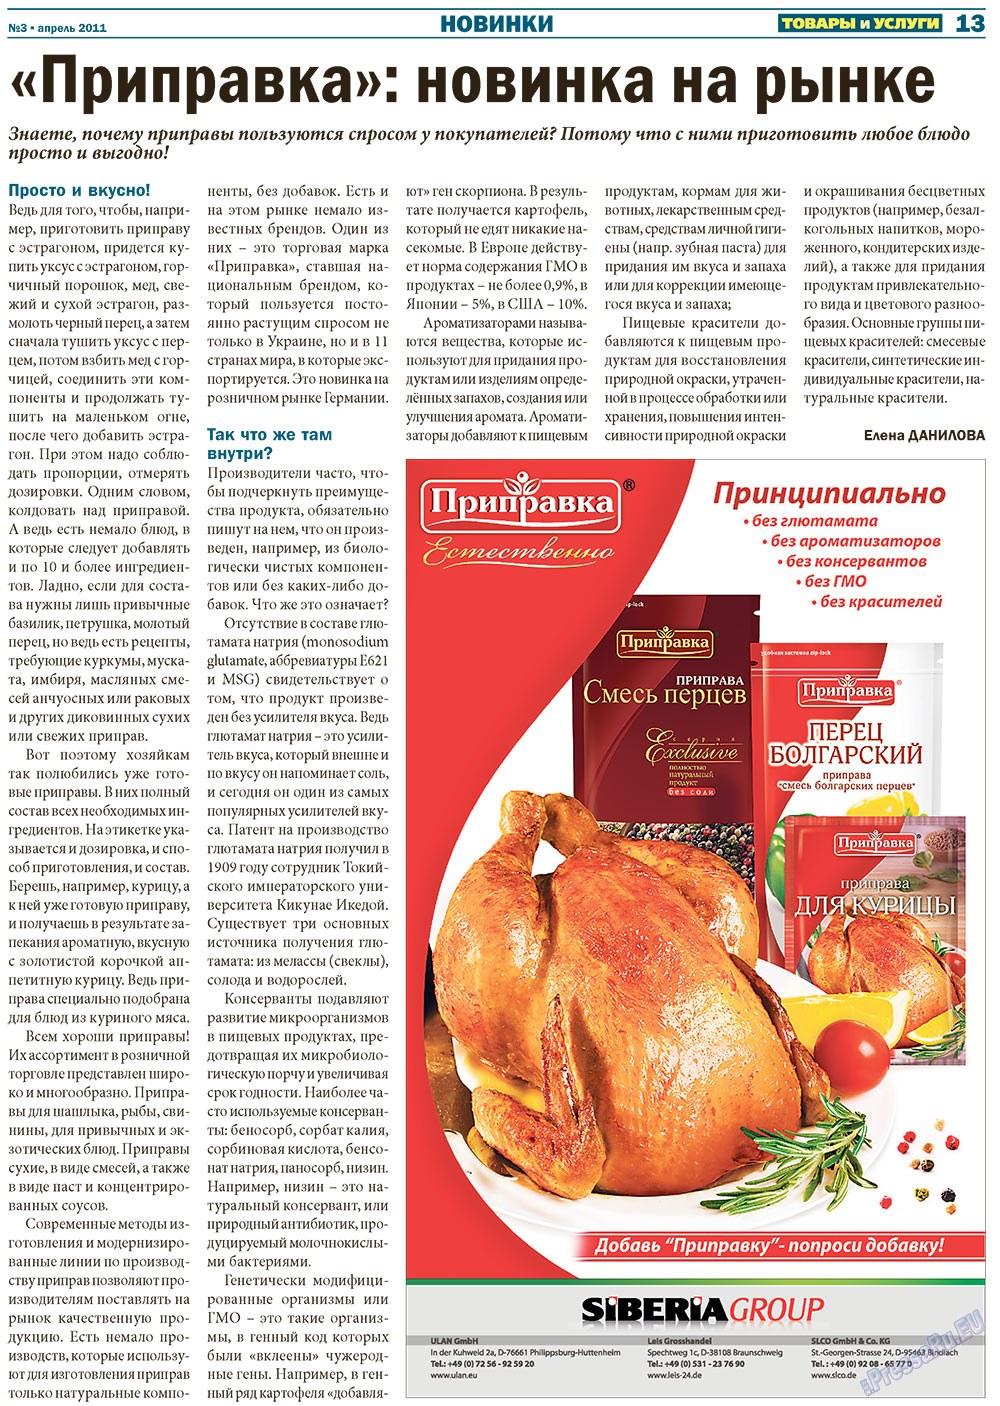 Товары и услуги (газета). 2011 год, номер 3, стр. 13